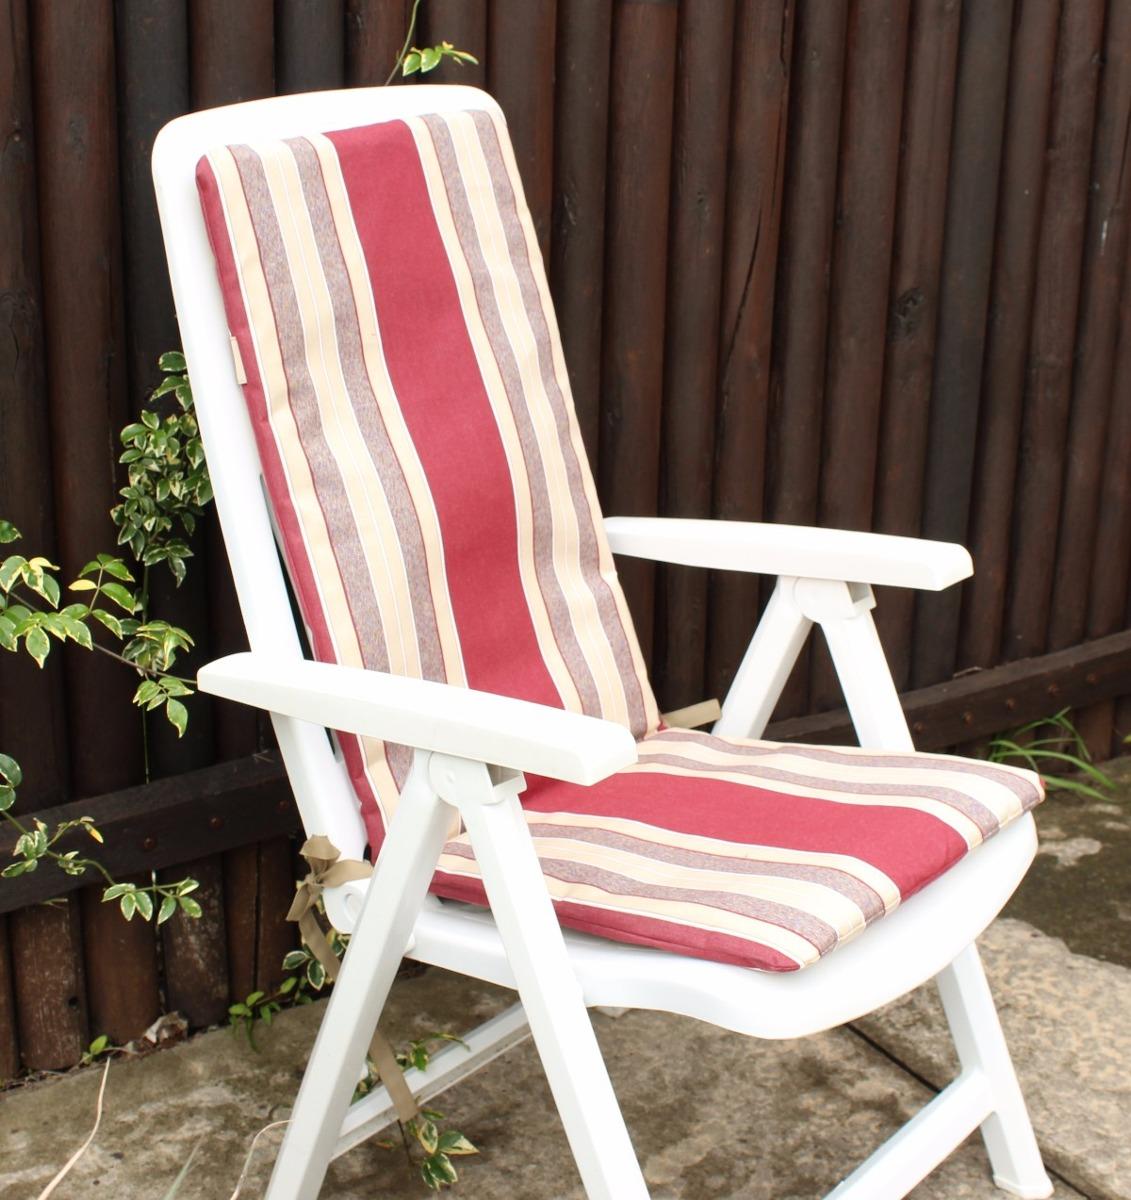 Almohadones para sillas sillones y reposeras 250 00 - Almohadones para sillas ...